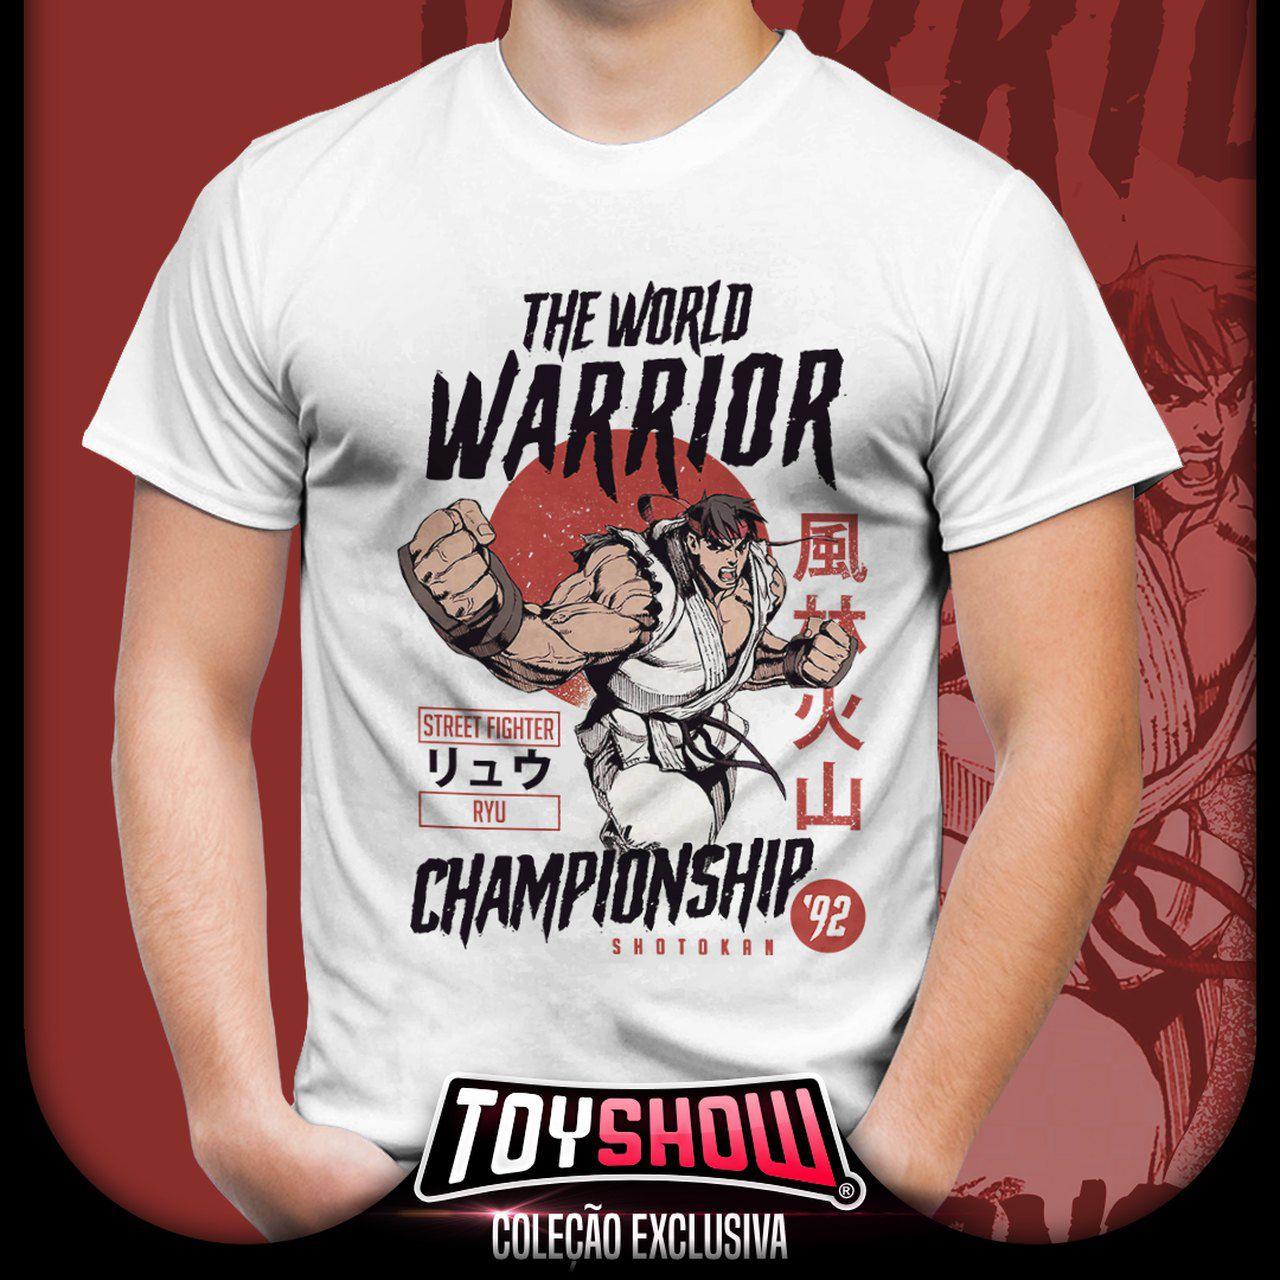 Camiseta Ryu